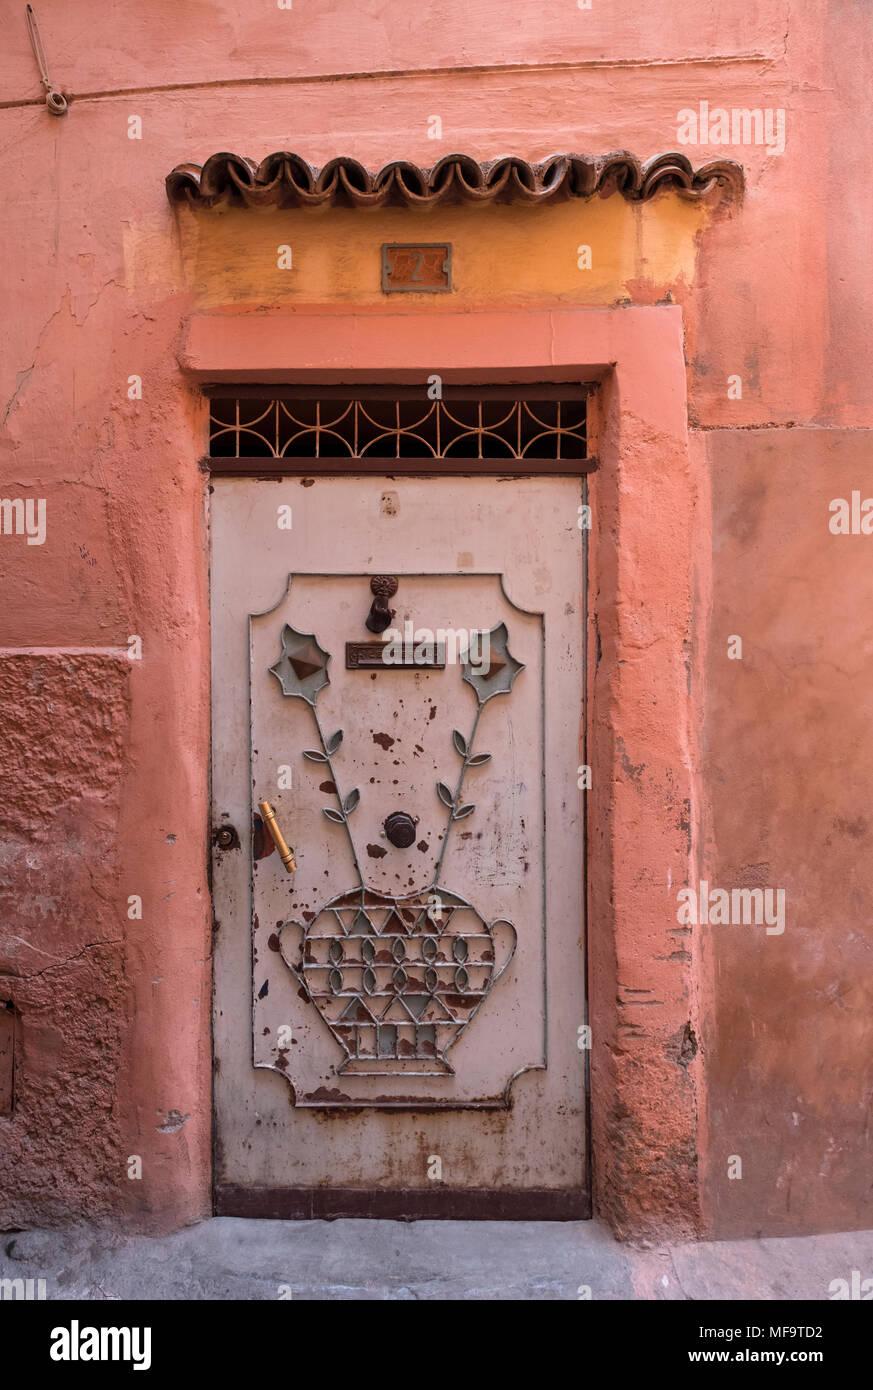 Typisches Haus Eingang Eingang in die Gassen von Marrakech, Marrakesch, Marokko Stockbild